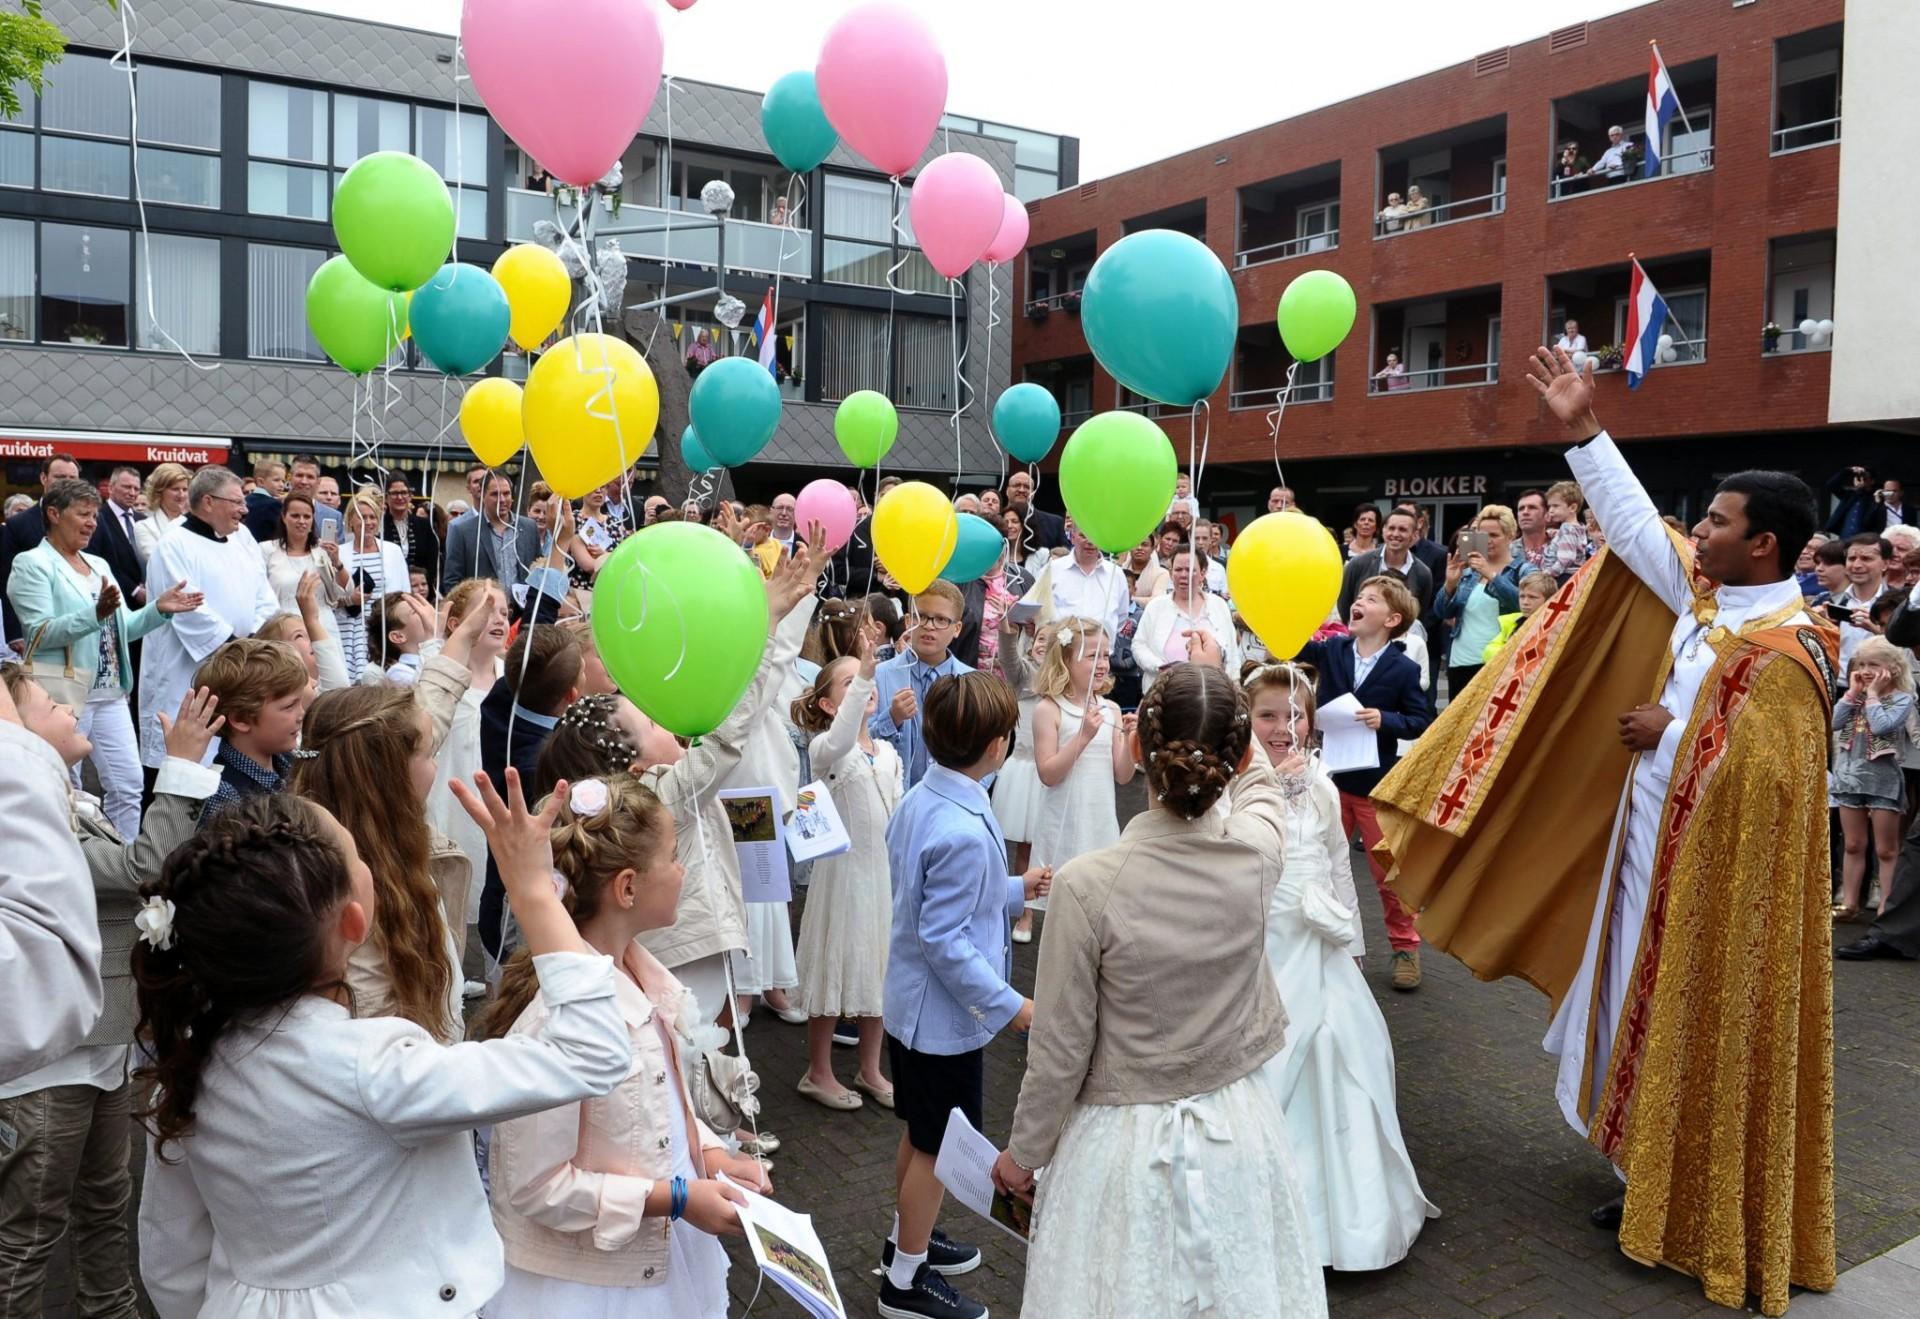 Eerste H. Communie 2018 is 2e zondag van juni,10 juni 2018, dit i.v.m. heiligdomsvaart  op de  1e zondag van juni in Maastricht.